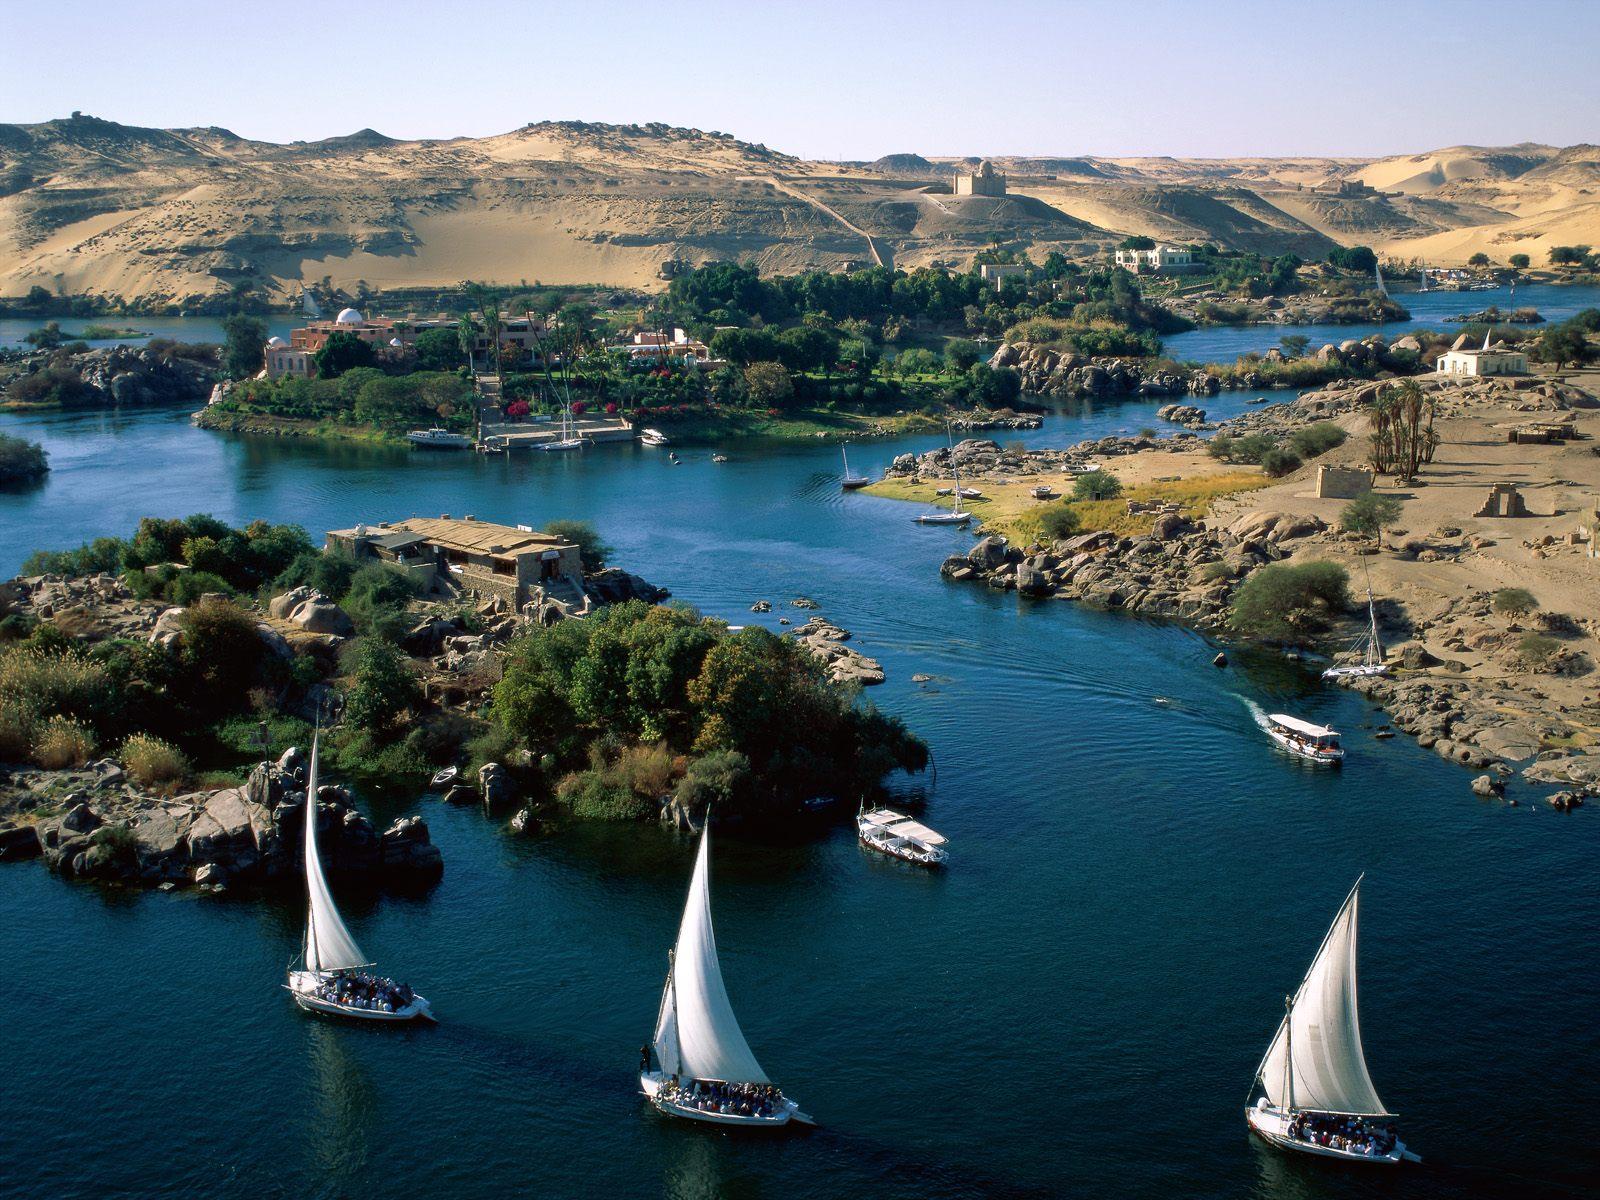 http://2.bp.blogspot.com/-aIjomvMfMwg/TdAgpYyI0-I/AAAAAAAABA8/LaJcOb01unY/s1600/ws_Nile_River%252C_Egypt_1600x1200.jpg